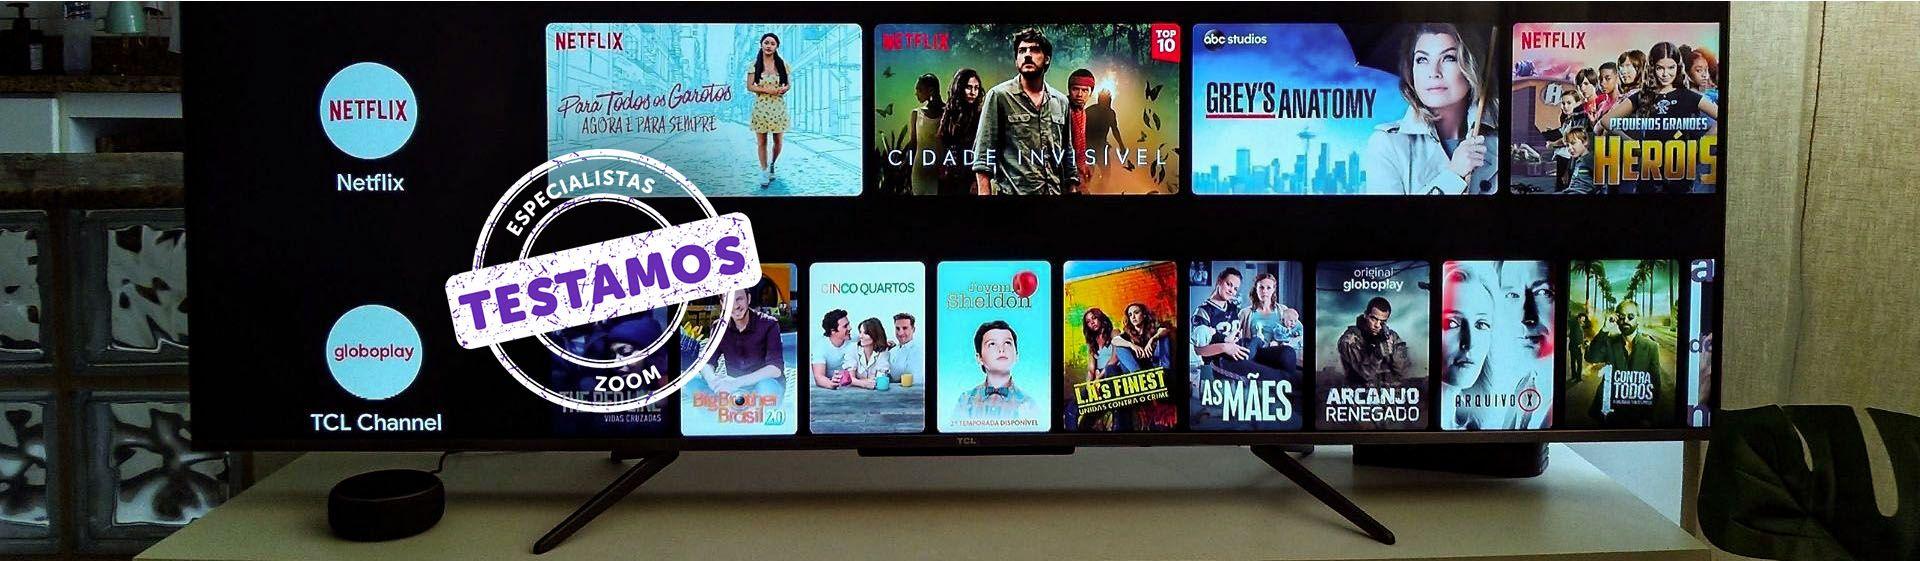 TV TCL C715: smart TV tem tela QLED com resolução 4K e inteligência artificial